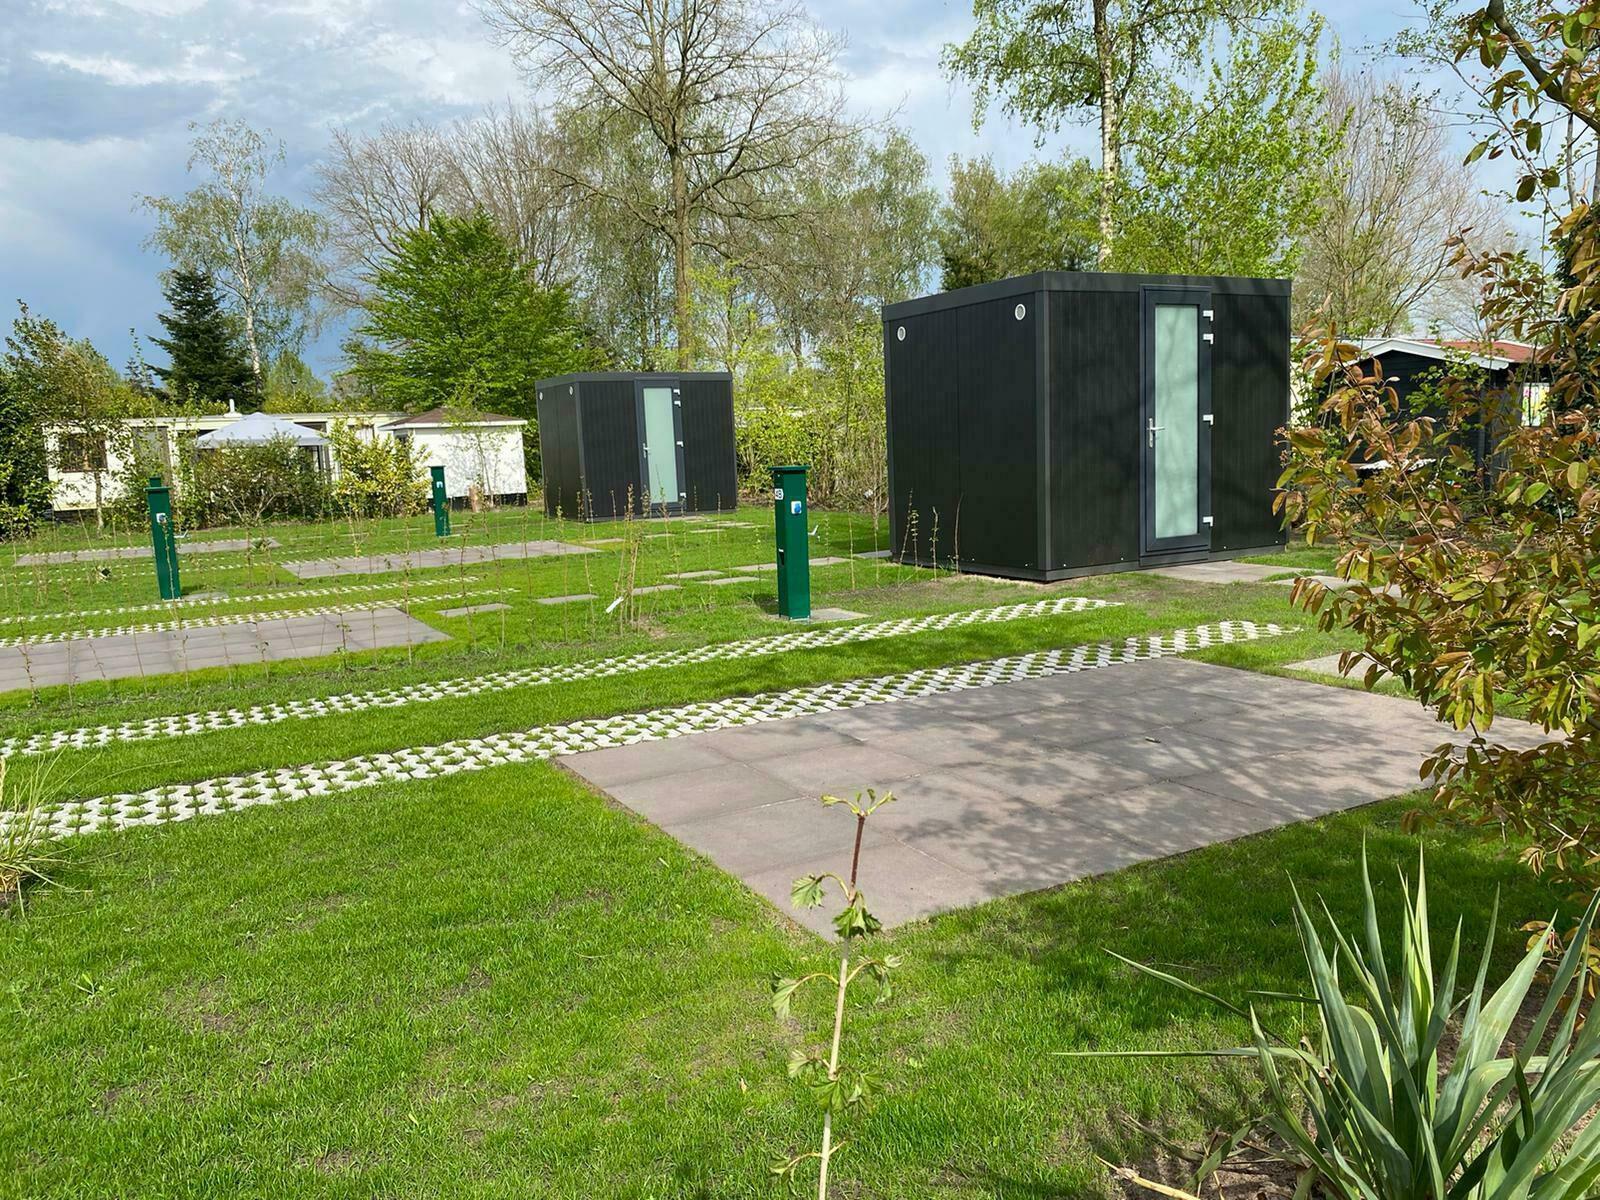 Camperplaats met privé sanitair